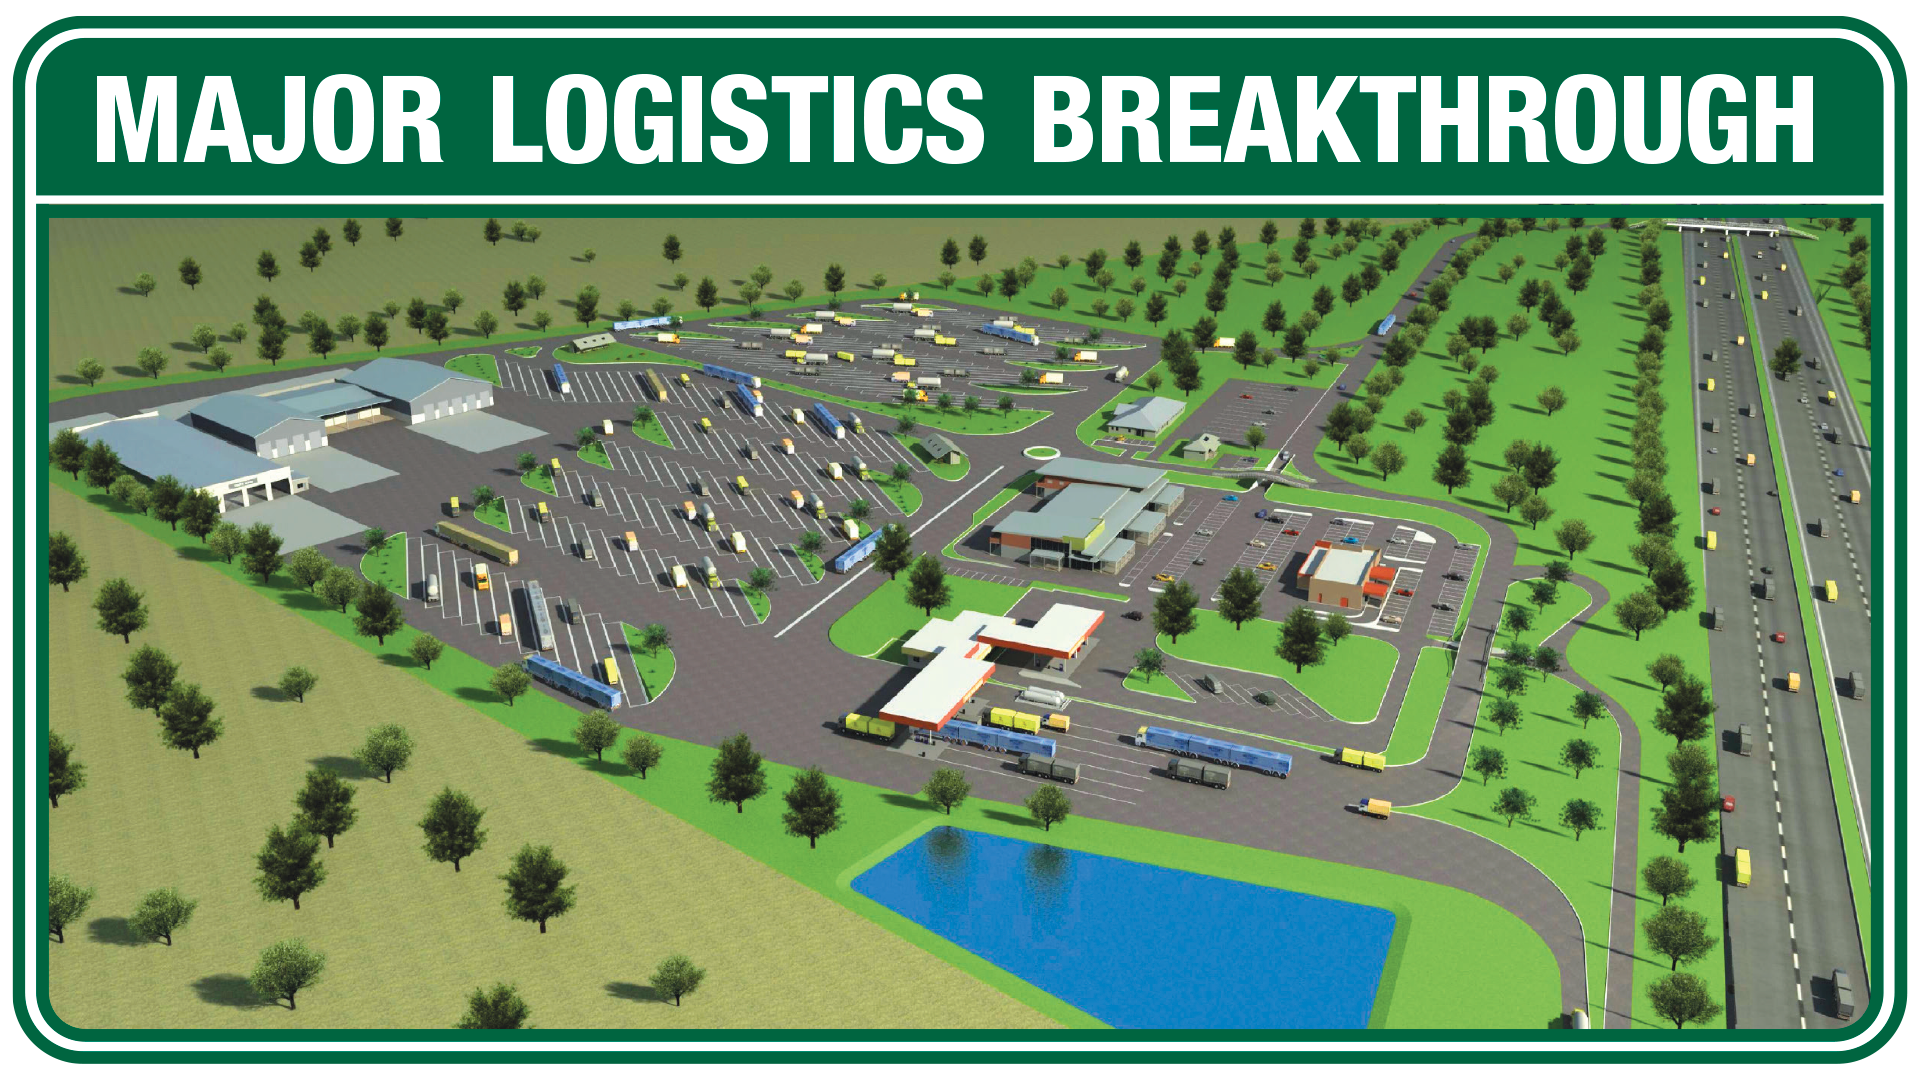 Logistics Breakthrough